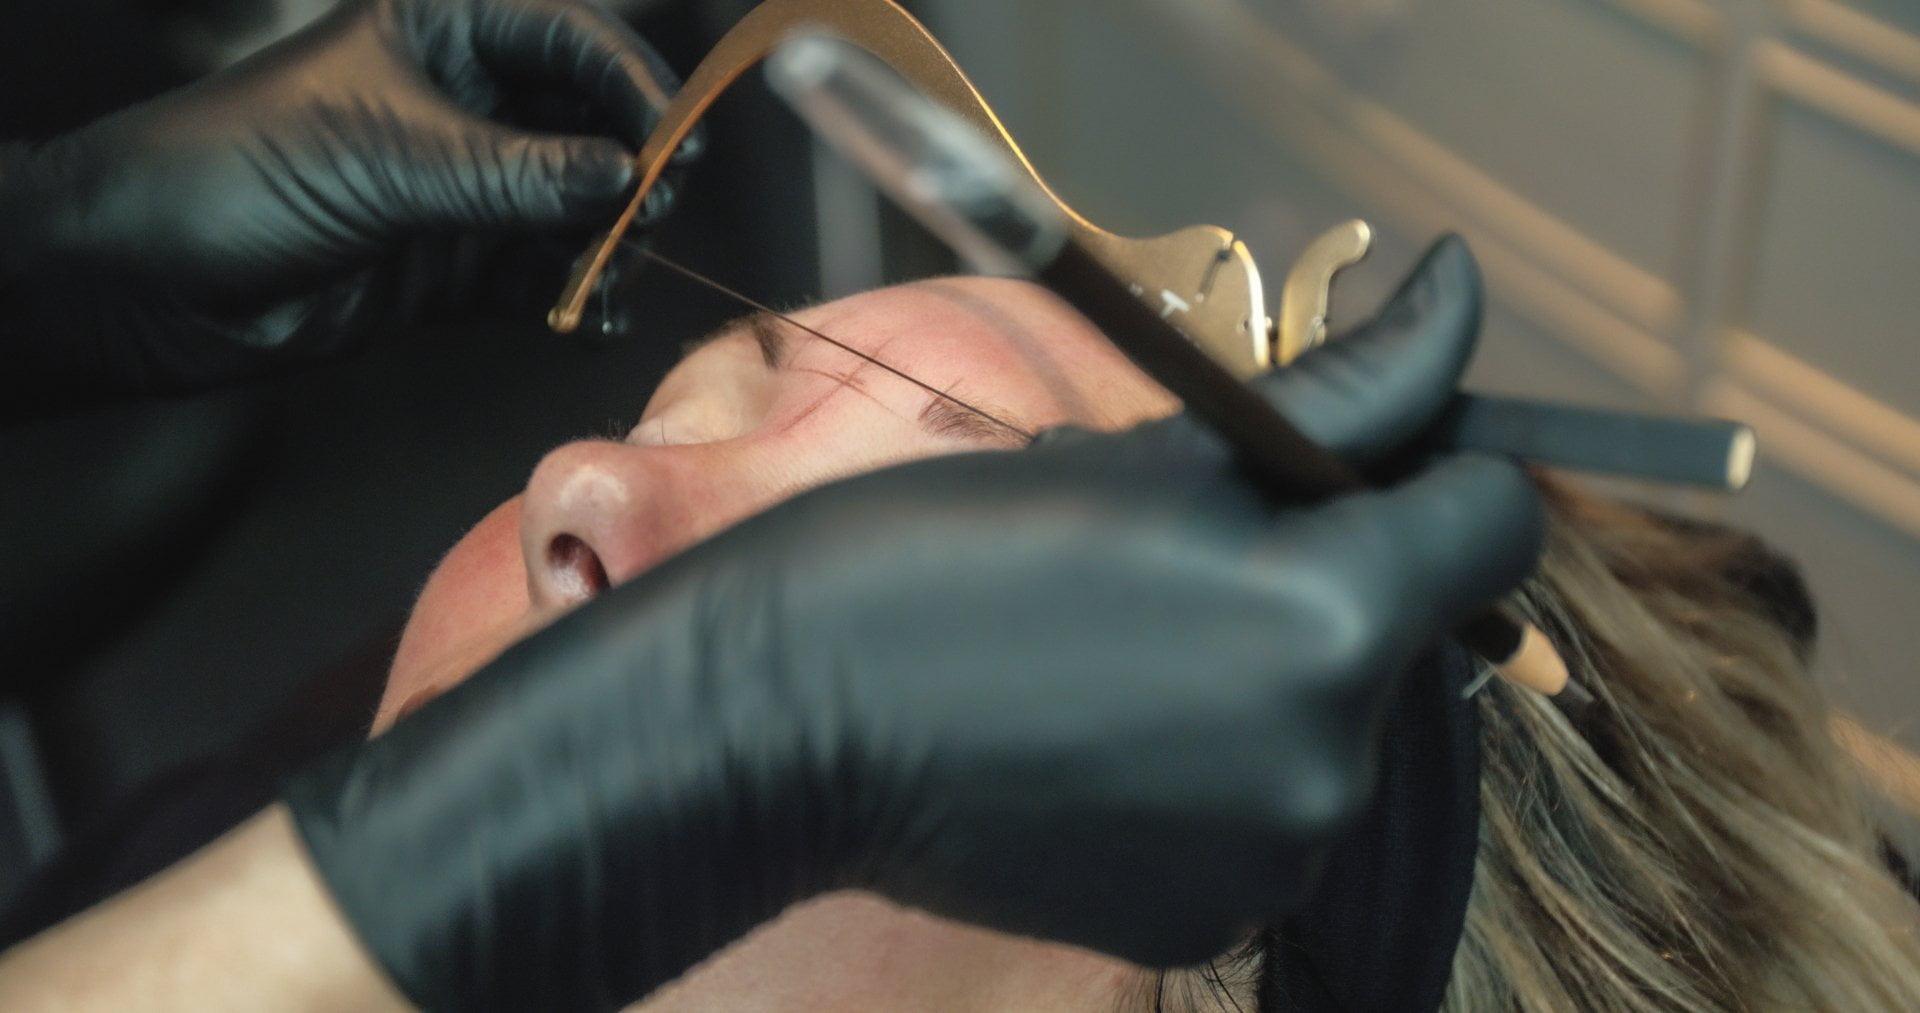 Voor iedereen die dunne, onzichtbare of rommelige wenkbrauwen heeft. Of gewoon niet zo handig is met make-up. Met onze PMU-wenkbrauwen sta je voortaan op met perfect brows. Hoe fijn is dat?